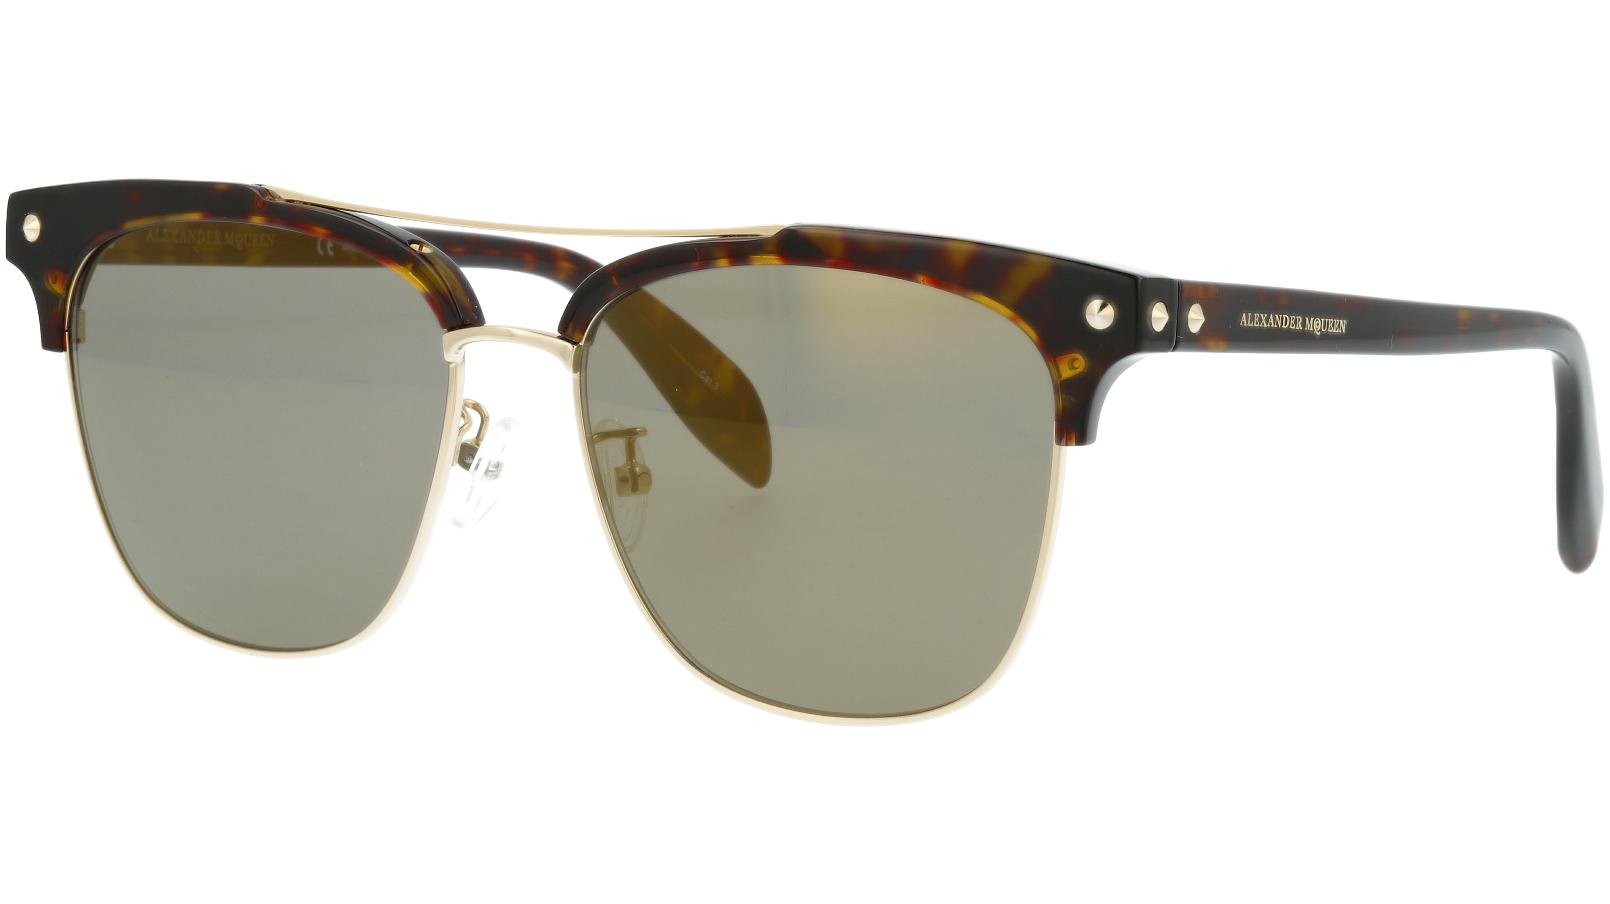 ALEXANDER MCQUEEN AM0126SK 002 57 AVANA Sunglasses